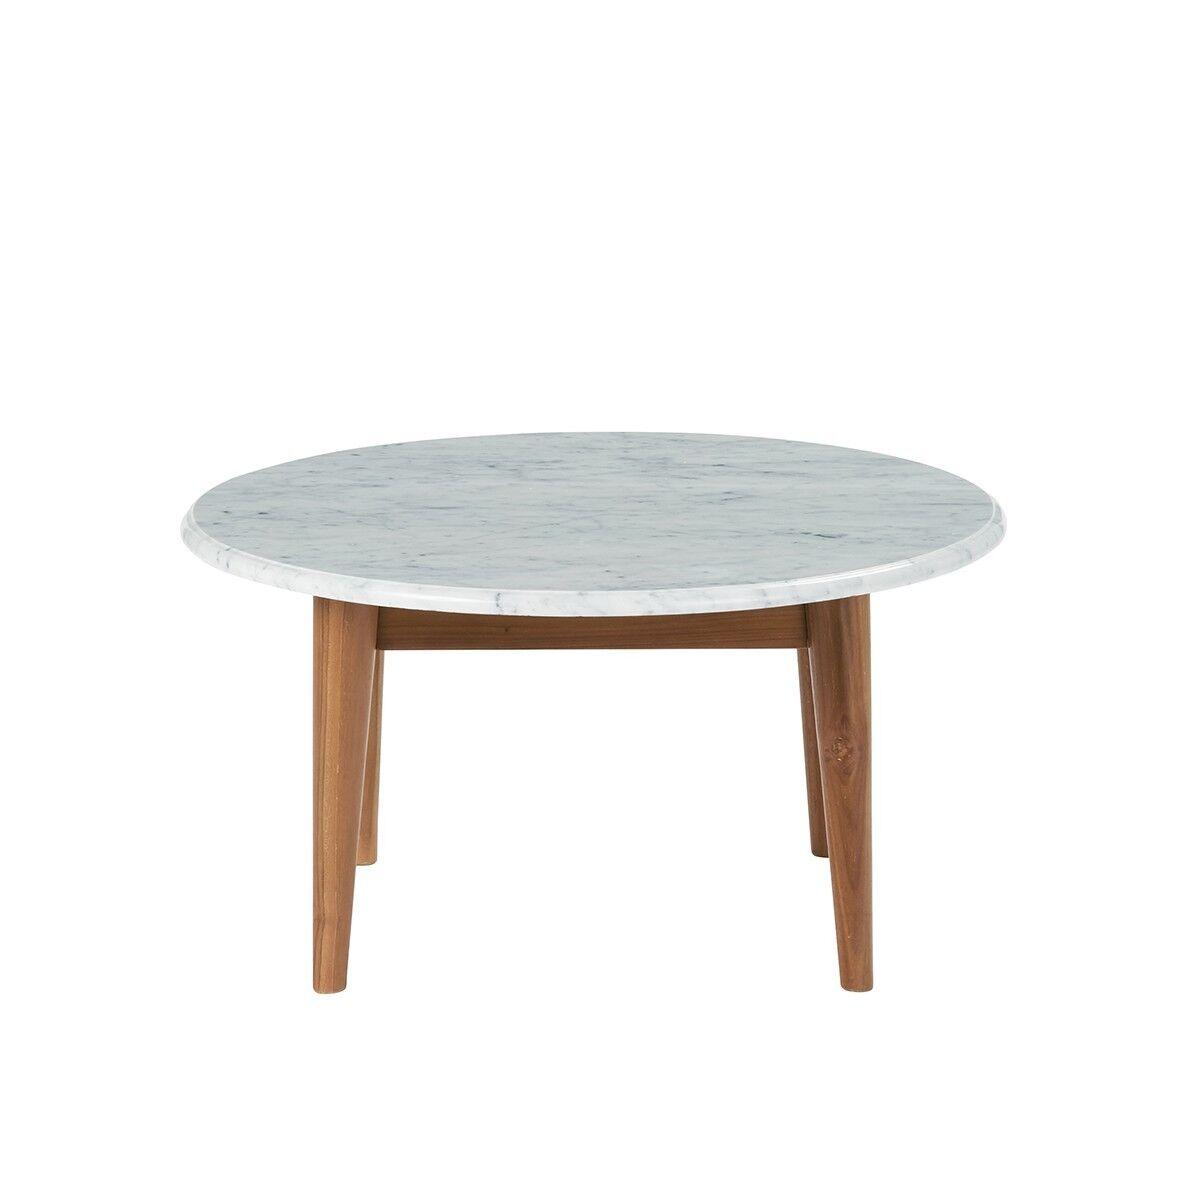 Bois Dessus Bois Dessous Table basse ronde en marbre et teck blanche